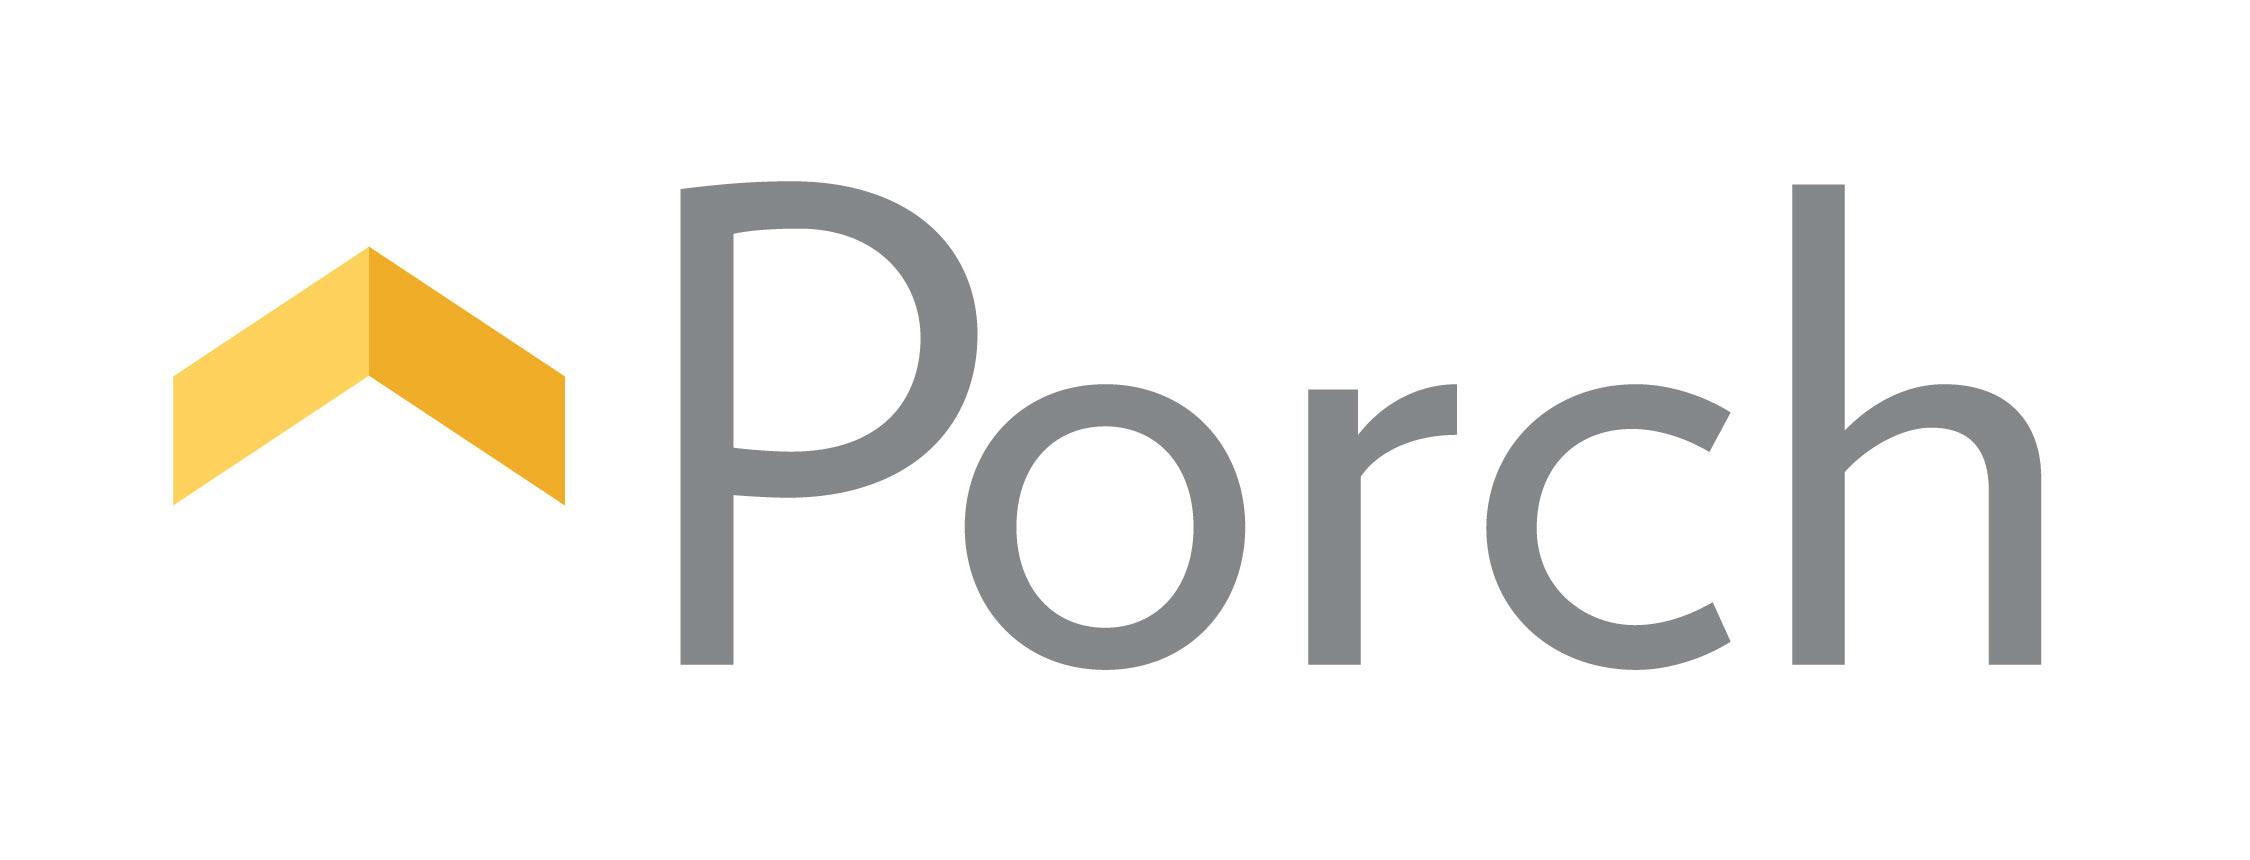 Porch's logo